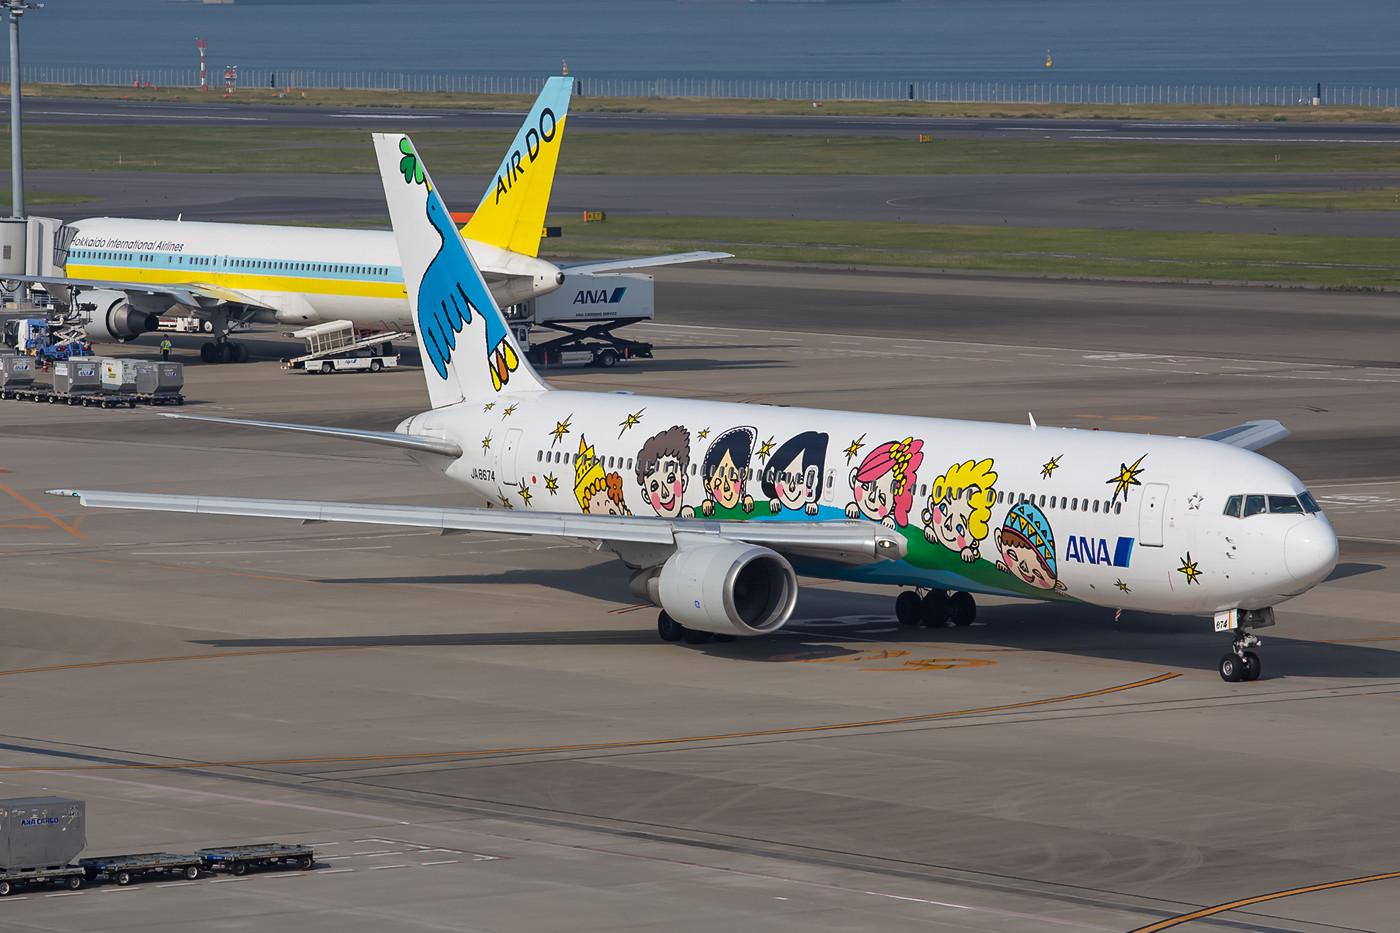 JA8674, Boeing 767-300 der ANA, nachdem ich sie schon 2013 auf dem Erstflug in dieser Lackierung erwischt hatte, gab´s diesmal sogar noch Sonne dazu.